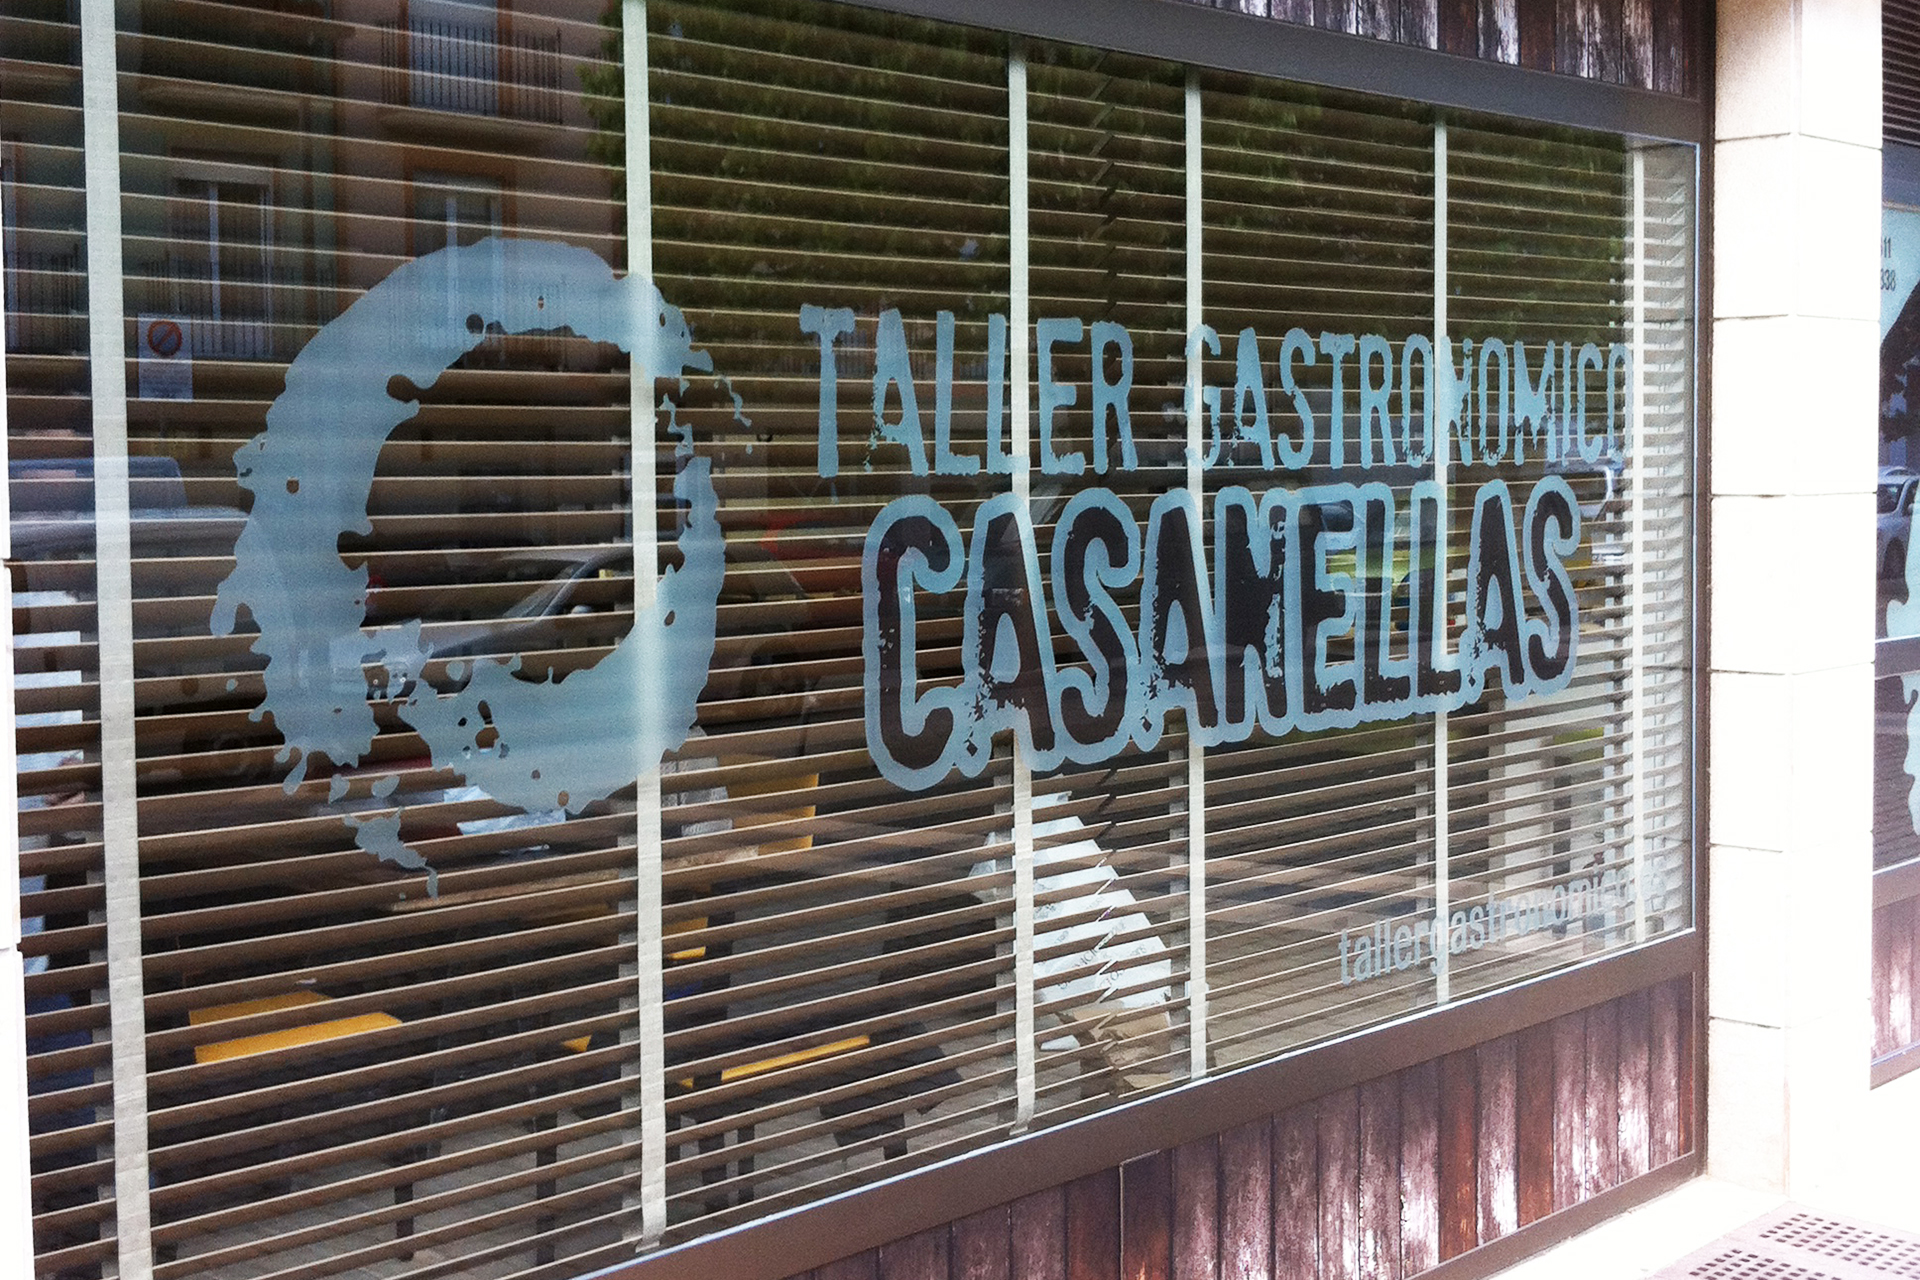 taller_gastronomico_casanellas_fachada_señaletica_vinilo_vinilos